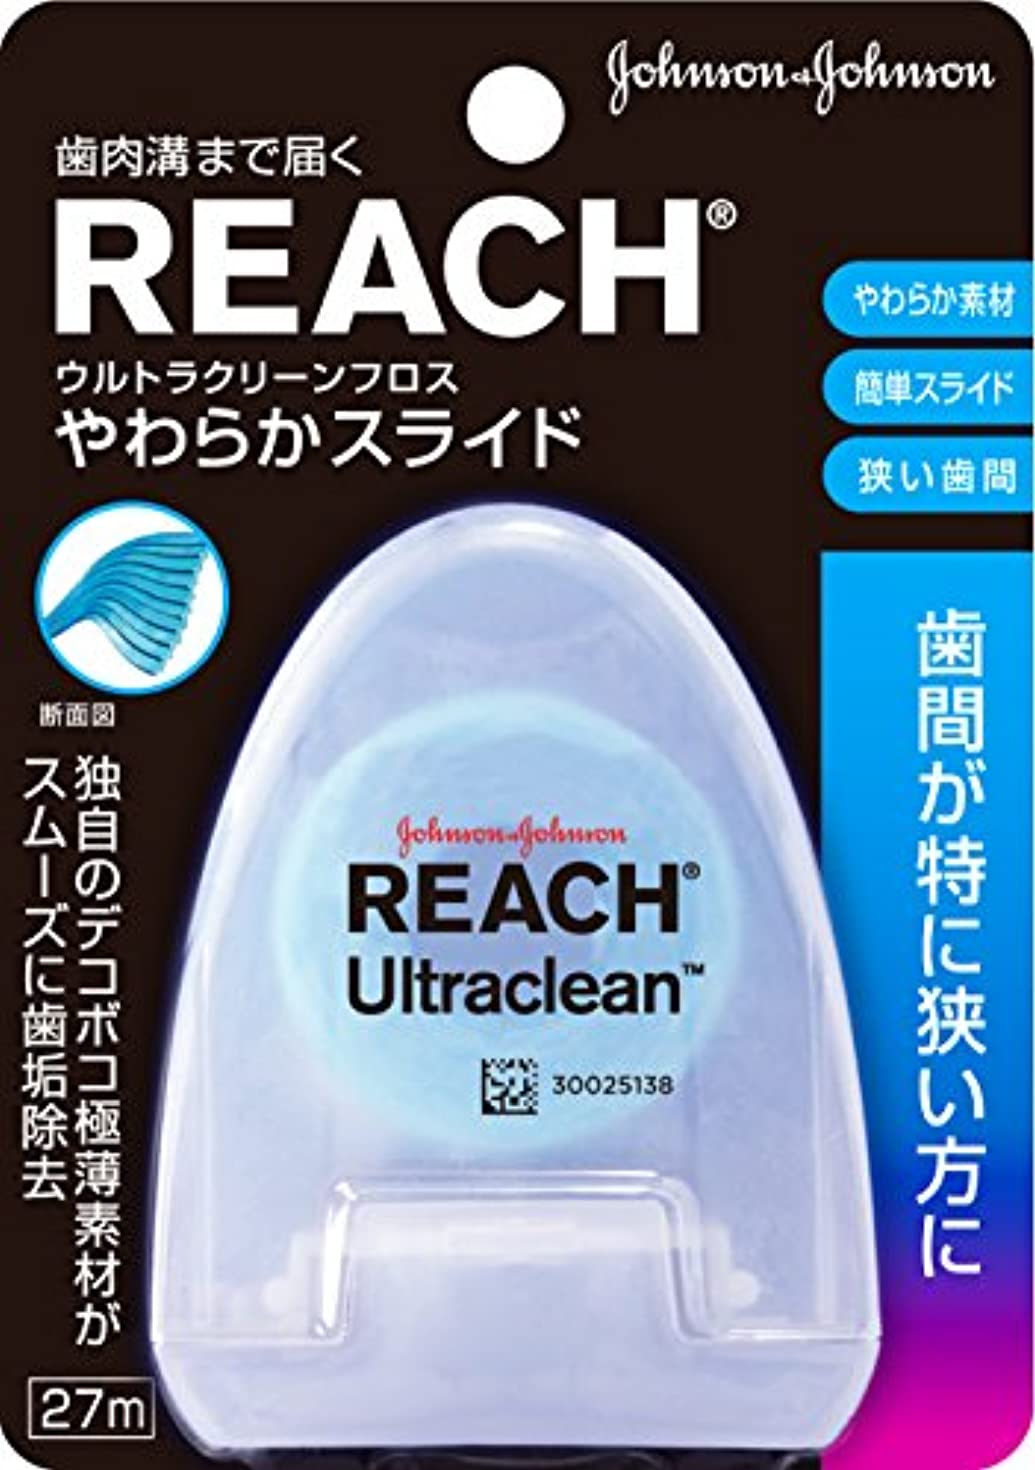 ストリーム焦げ悪用REACH(リーチ) ウルトラクリーンフロス やわらかスライド 27m